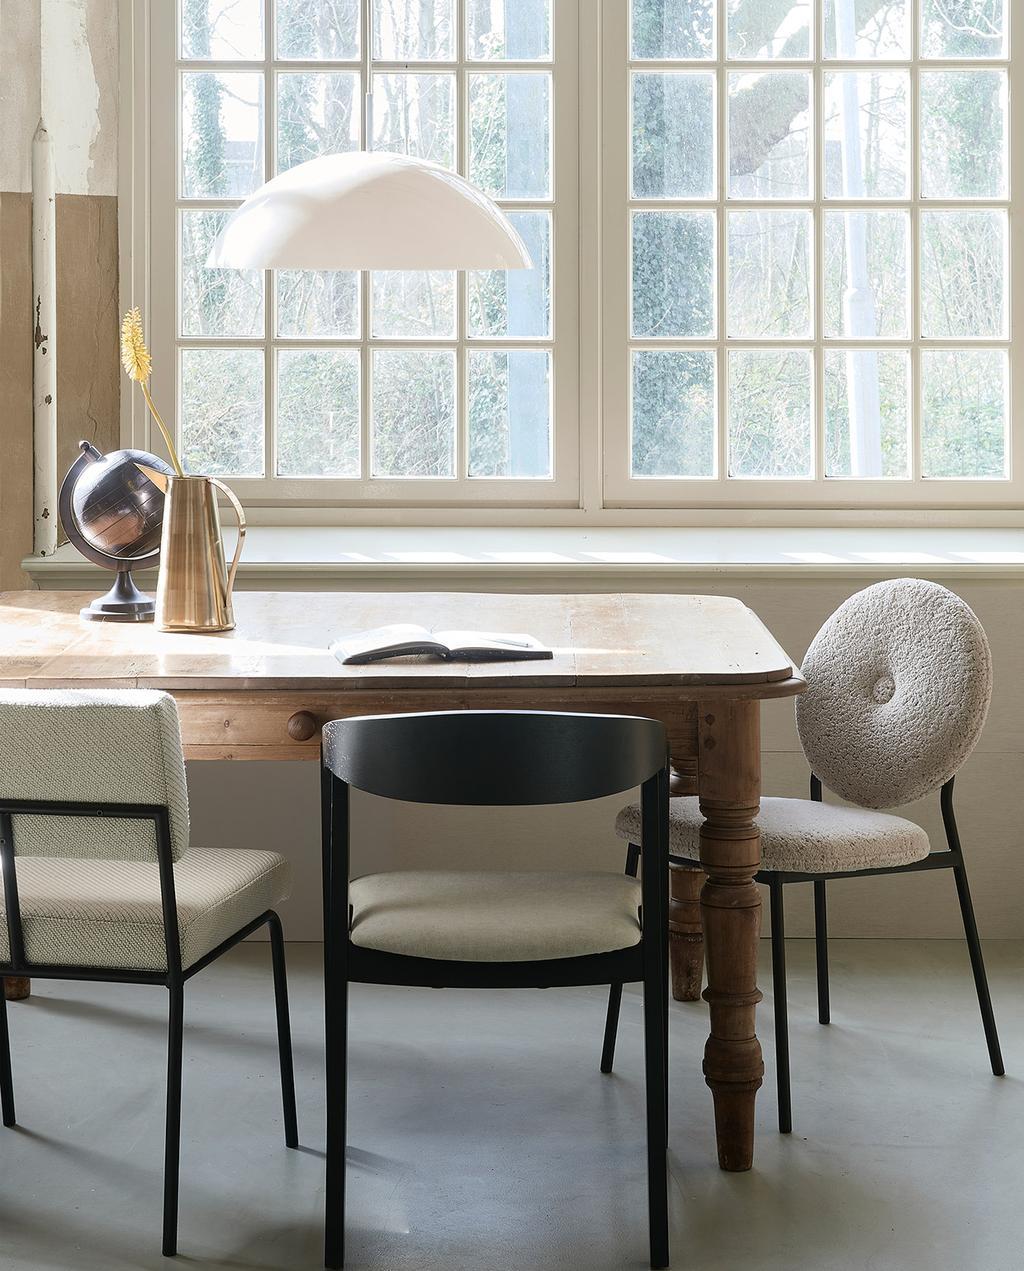 vtwonen 06-2021 | houten tafel met verschillende stoelen: een teddy stoel, zwarte eetkamerstoel en witte teddy stoel